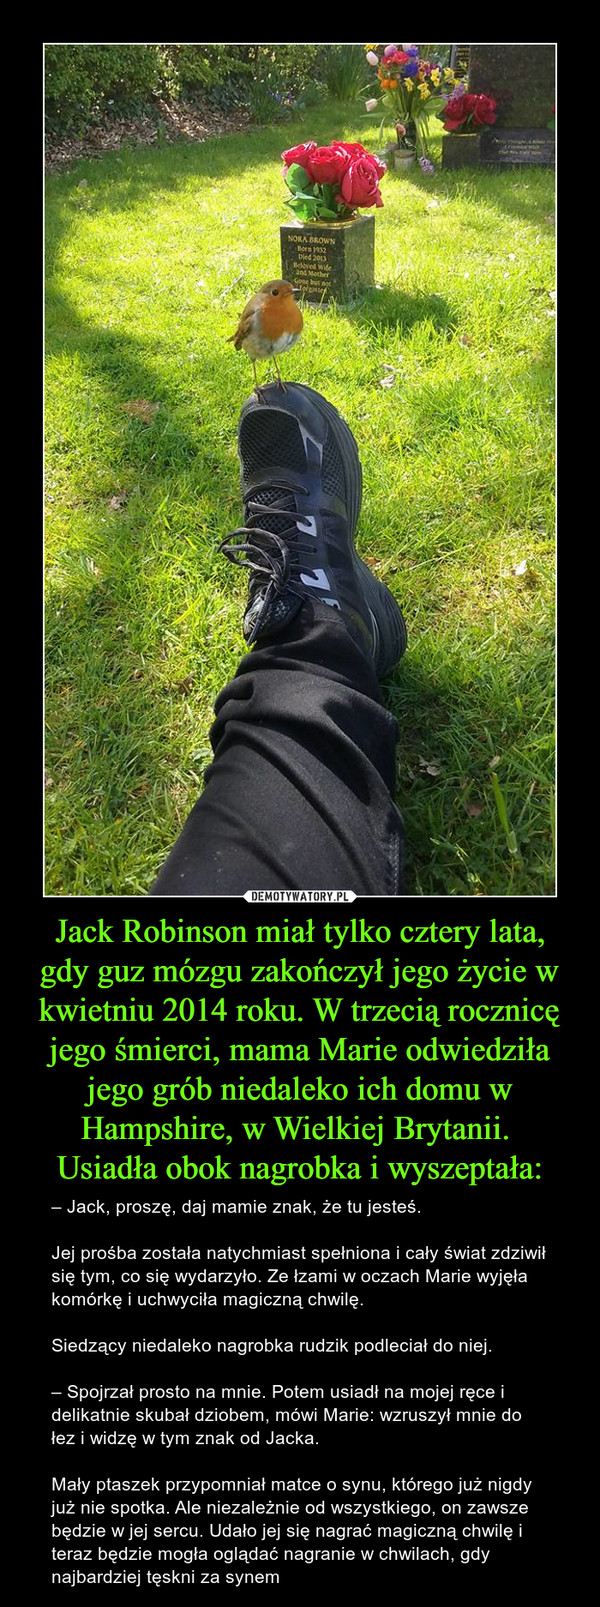 Jack Robinson miał tylko cztery lata, gdy guz mózgu zakończył jego życie w kwietniu 2014 roku. W trzecią rocznicę jego śmierci, mama Marie odwiedziła jego grób niedaleko ich domu w Hampshire, w Wielkiej Brytanii. Usiadła obok nagrobka i wyszeptała: – – Jack, proszę, daj mamie znak, że tu jesteś.Jej prośba została natychmiast spełniona i cały świat zdziwił się tym, co się wydarzyło. Ze łzami w oczach Marie wyjęła komórkę i uchwyciła magiczną chwilę.Siedzący niedaleko nagrobka rudzik podleciał do niej.– Spojrzał prosto na mnie. Potem usiadł na mojej ręce i delikatnie skubał dziobem, mówi Marie: wzruszył mnie do łez i widzę w tym znak od Jacka.Mały ptaszek przypomniał matce o synu, którego już nigdy już nie spotka. Ale niezależnie od wszystkiego, on zawsze będzie w jej sercu. Udało jej się nagrać magiczną chwilę i teraz będzie mogła oglądać nagranie w chwilach, gdy najbardziej tęskni za synem